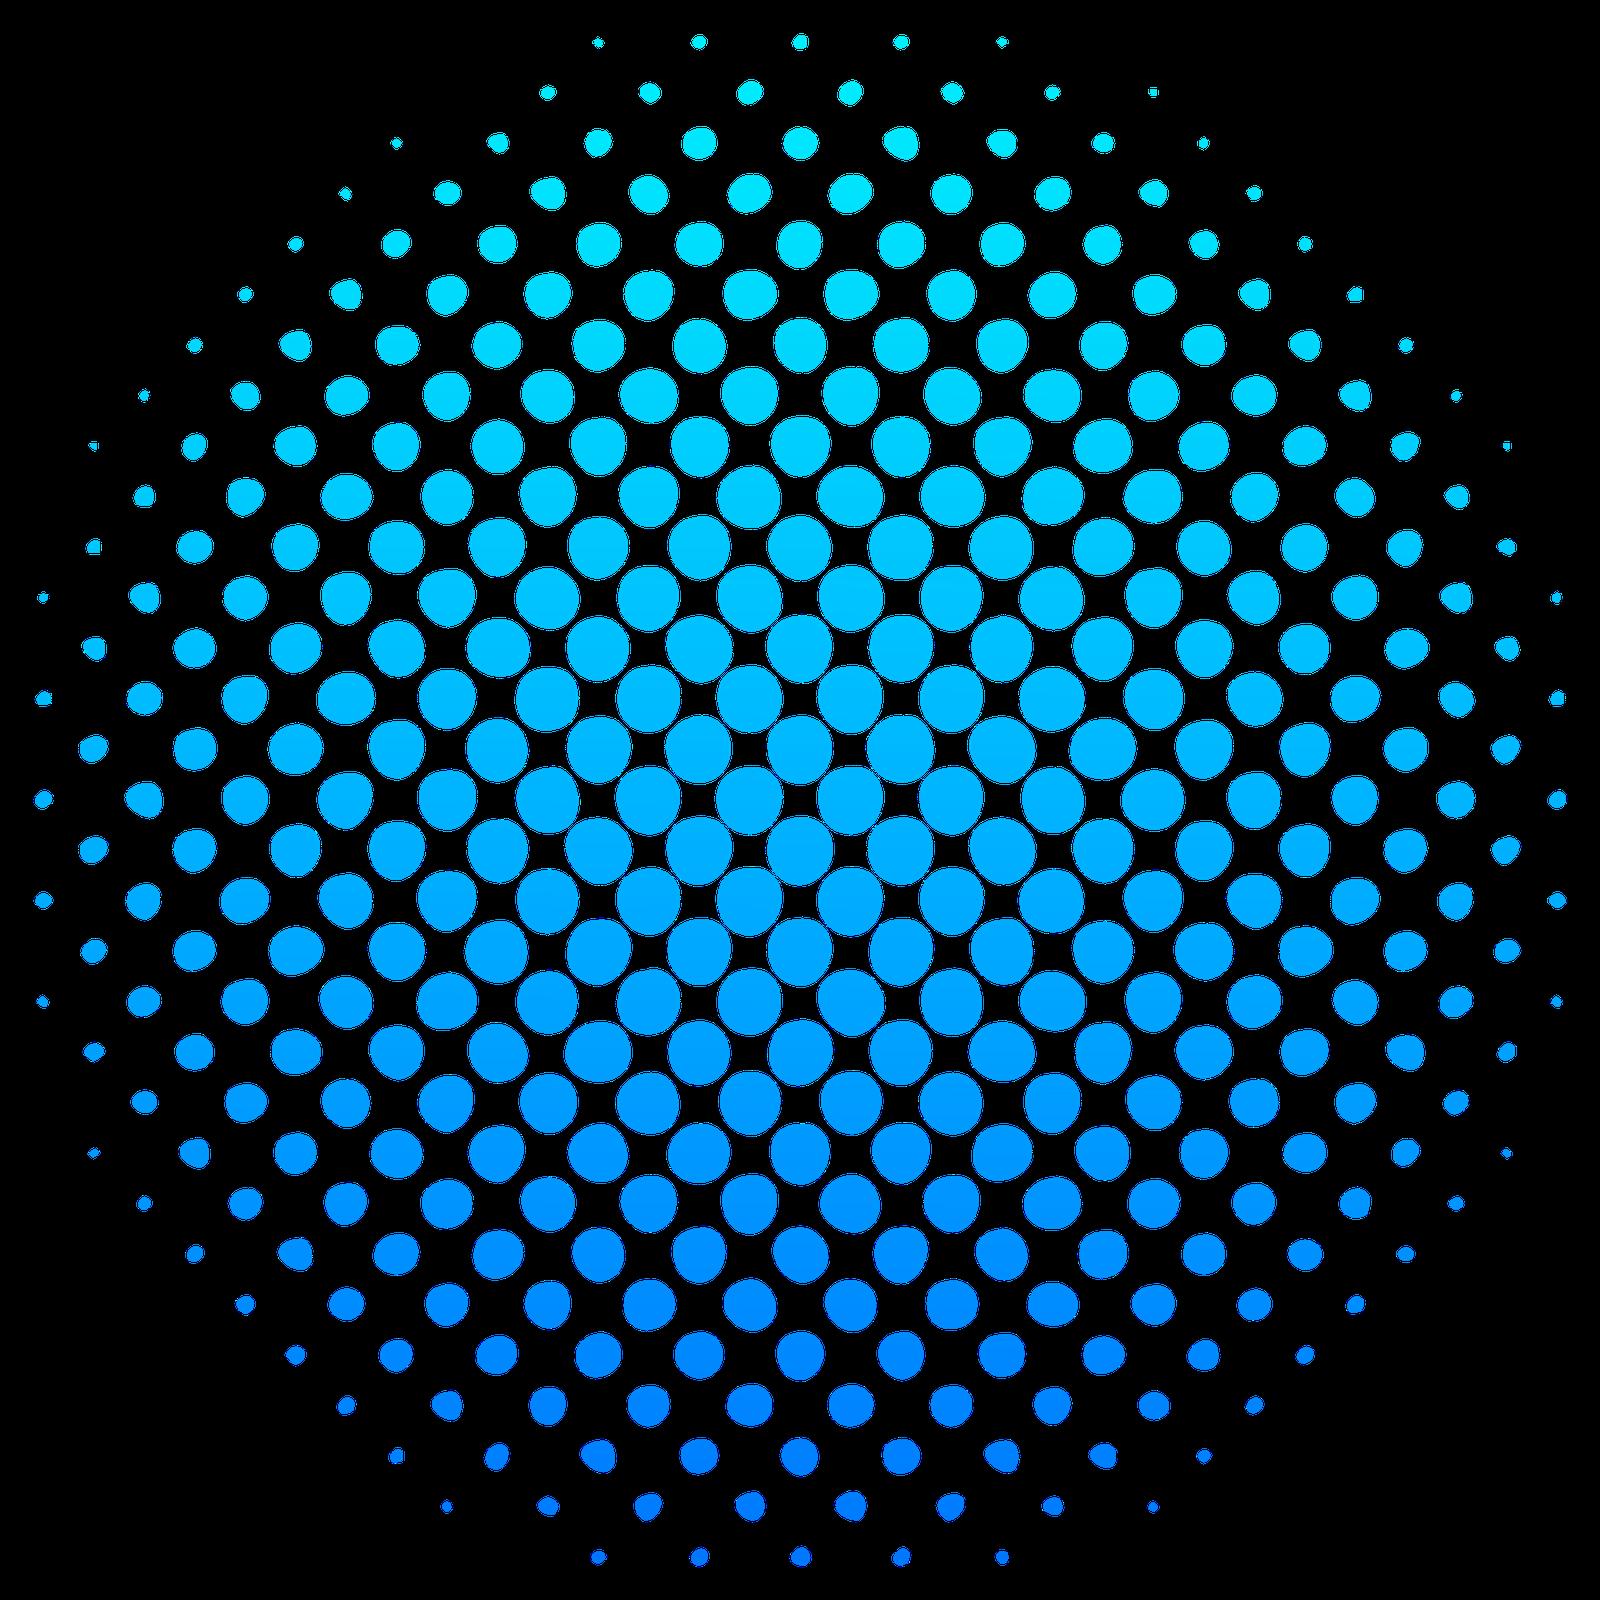 Как сделать полупрозрачный круг